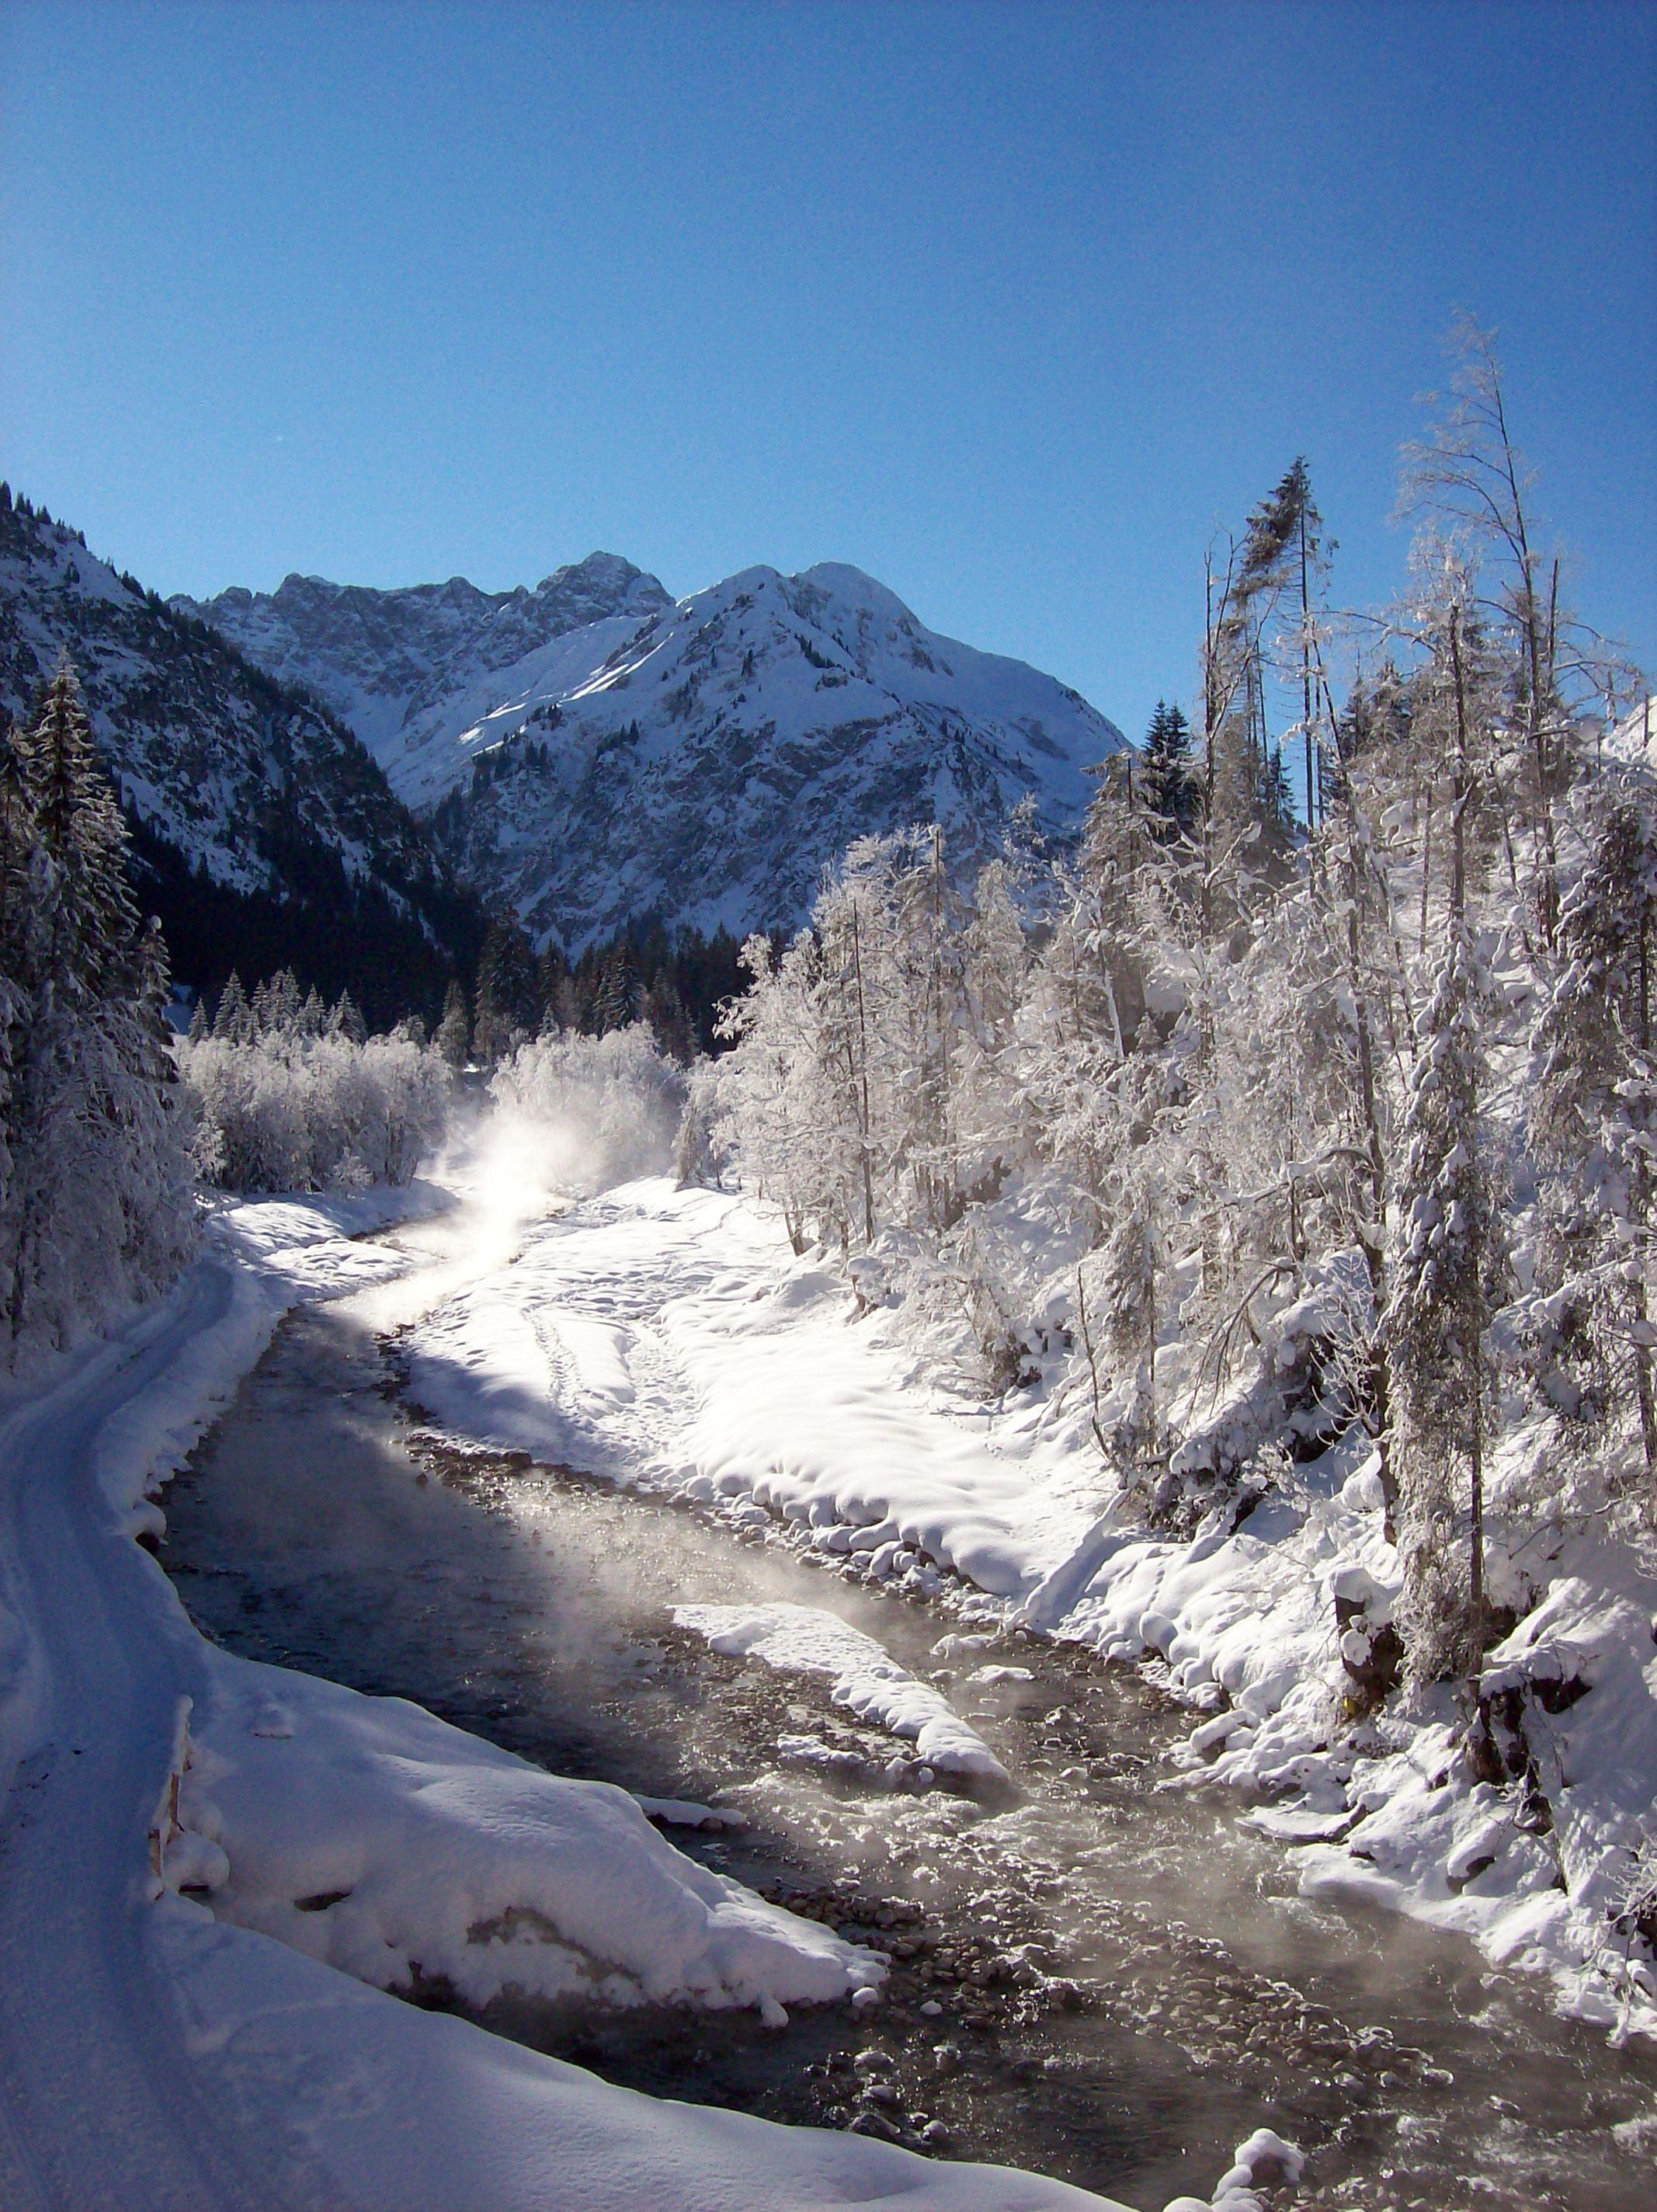 Skiurlaub 2019 Weihnachten.Dieser Schnappschuss Aus Dem Kleinwalsertal Zeigt Unsere Schöne